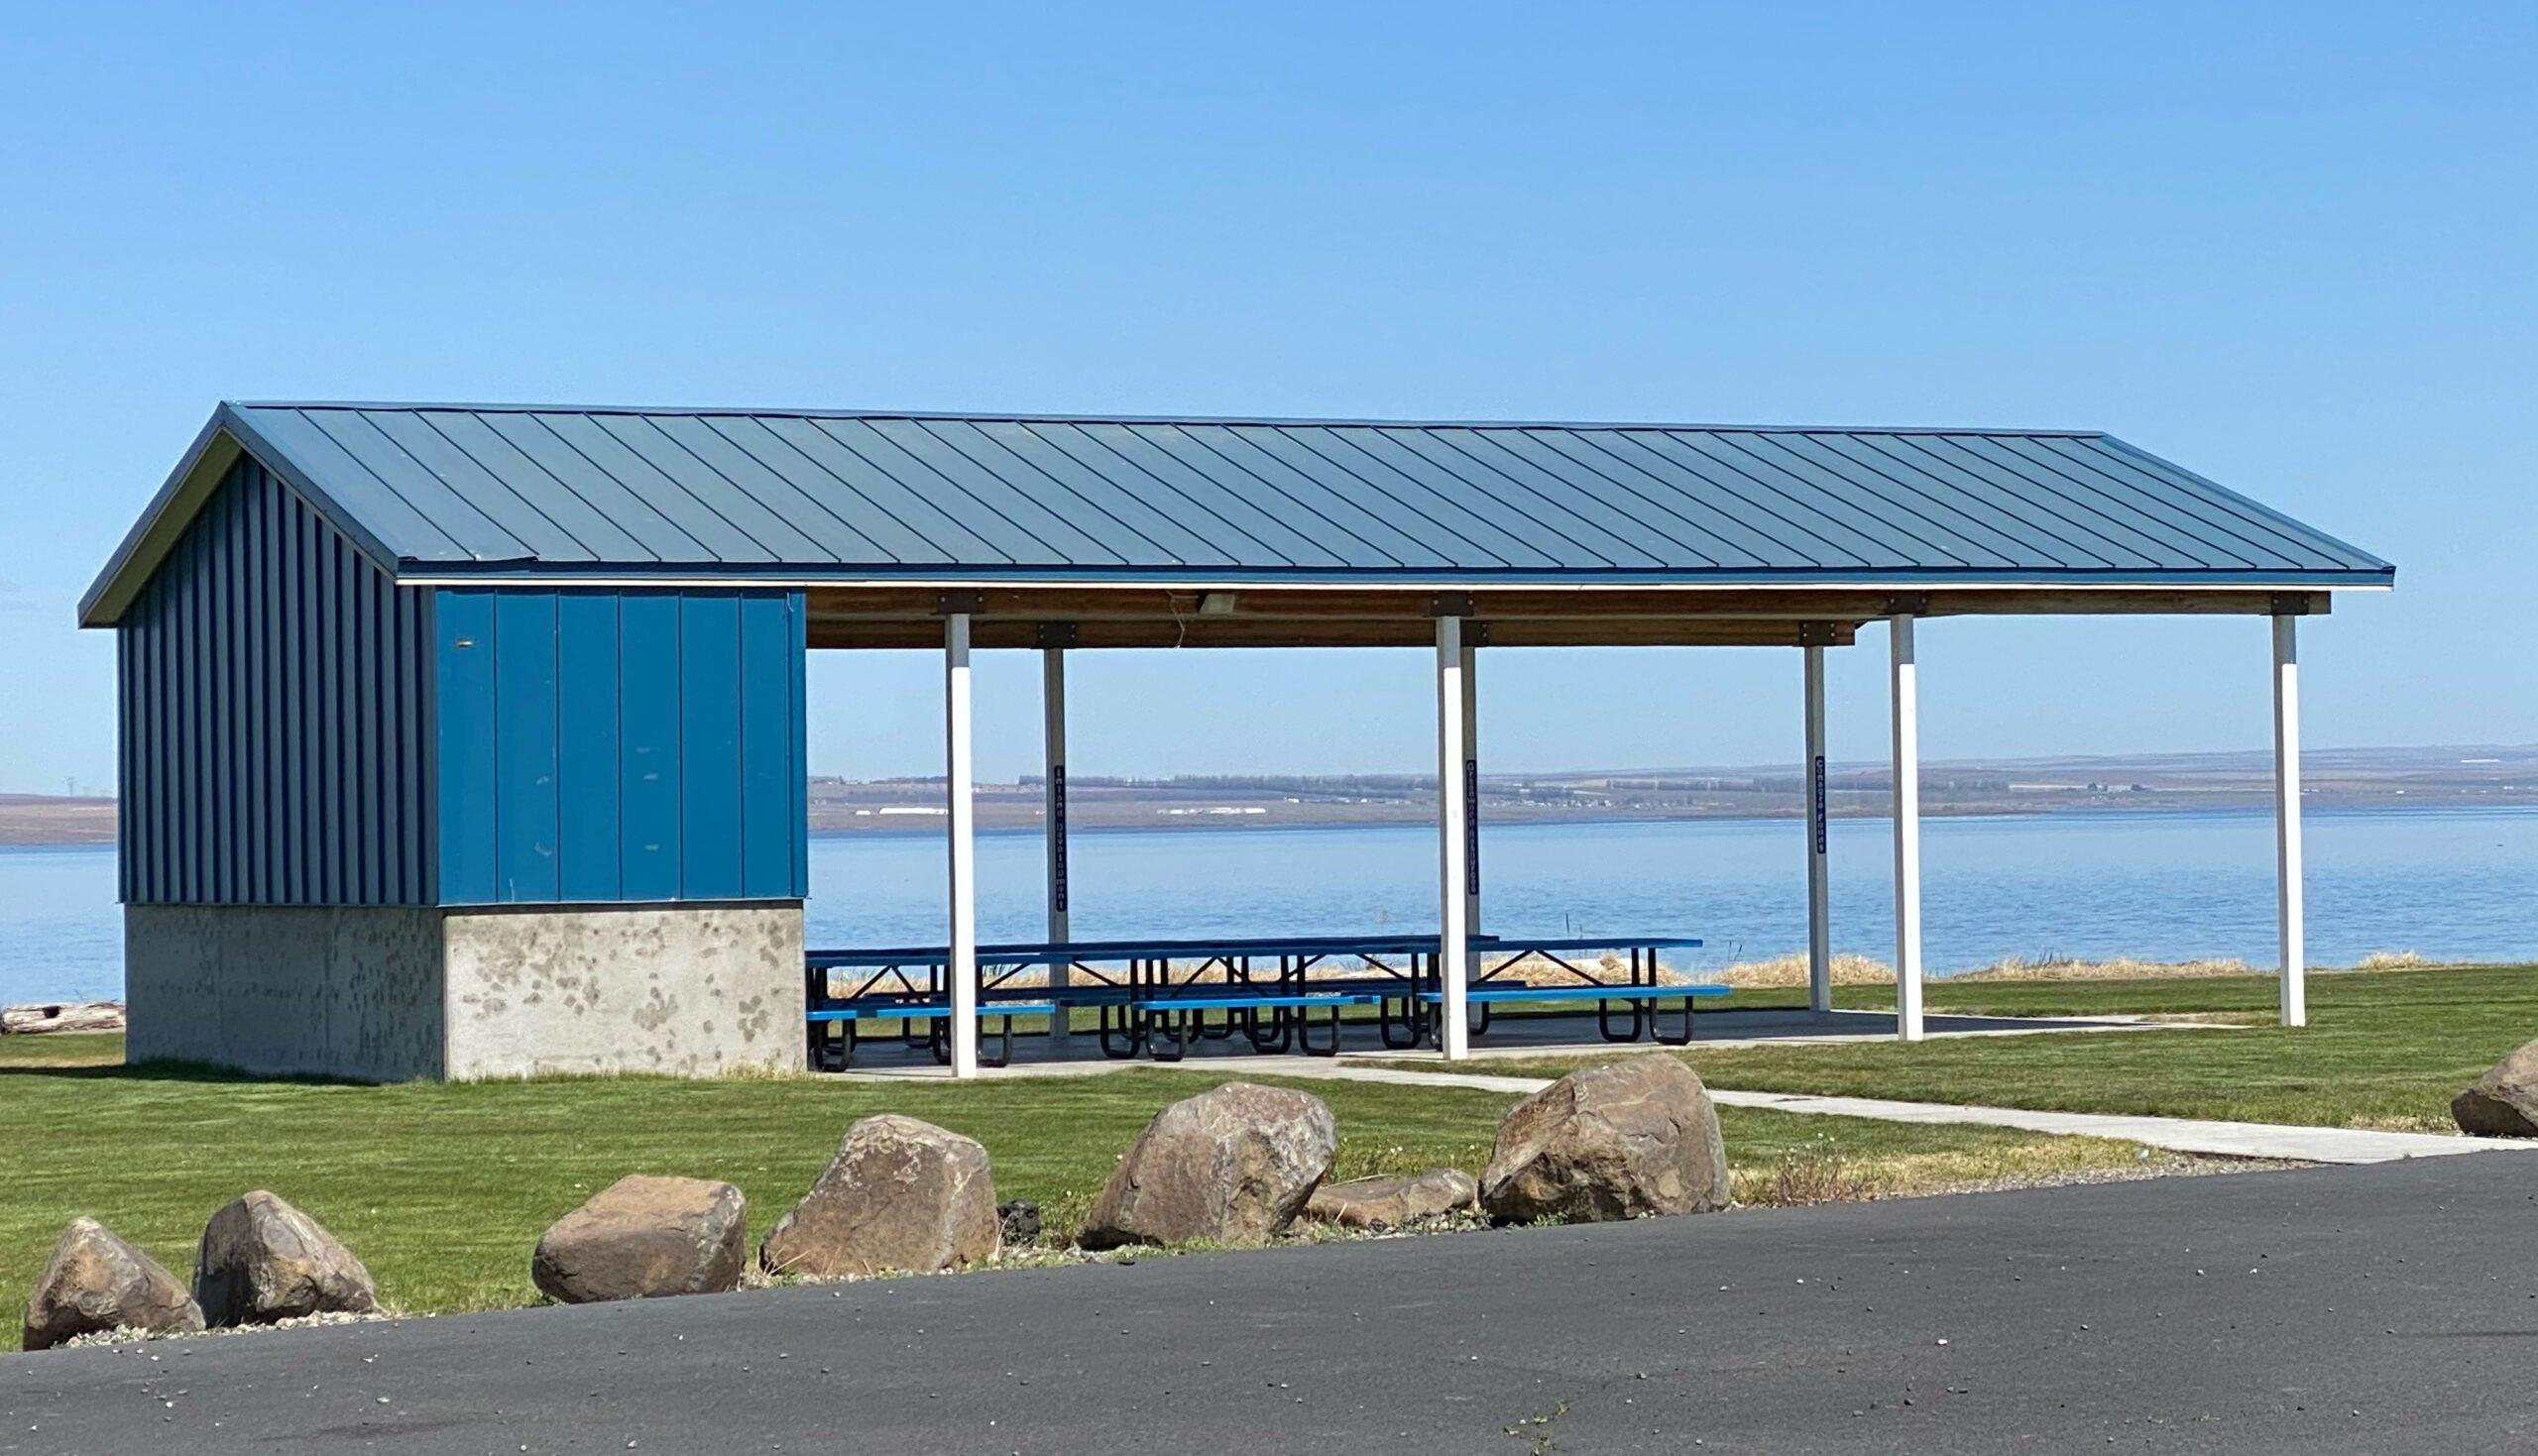 Marker 40 Pavilion